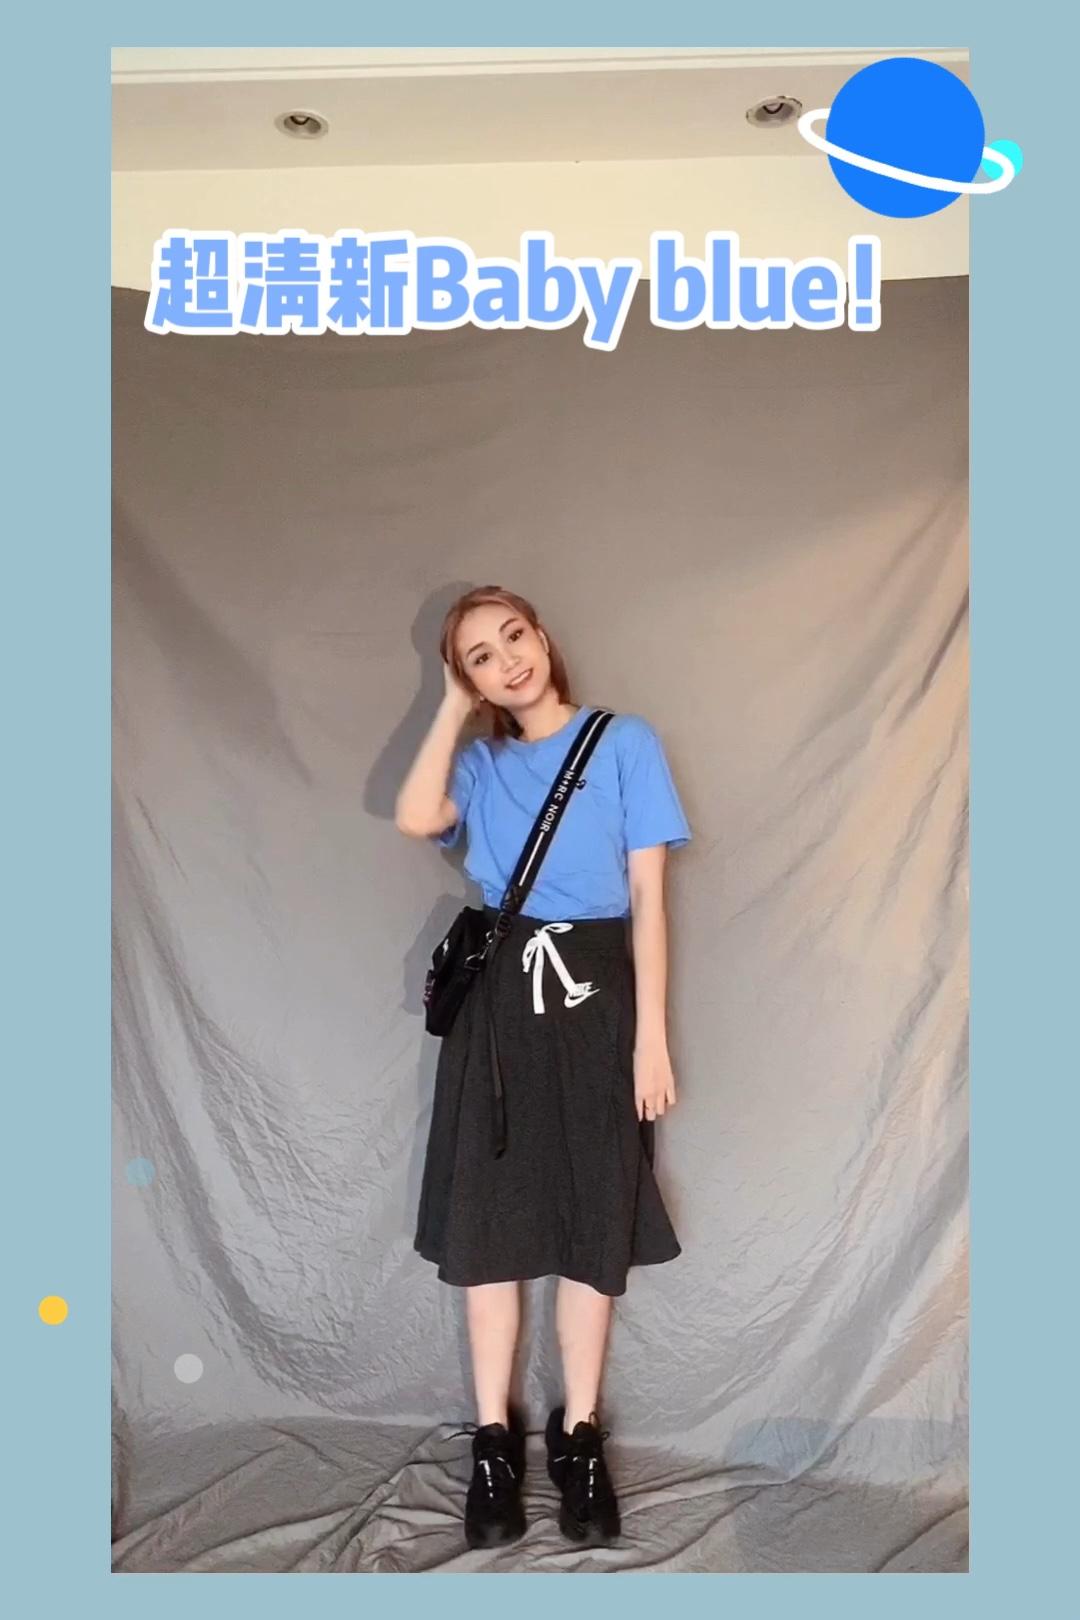 baby blue是这个夏日的最爱了 显白又清新的感觉 搭配灰色半裙整体简洁舒适 这样出门非常方便快速 #炎夏宜恋爱,穿衣宜裙纸~#